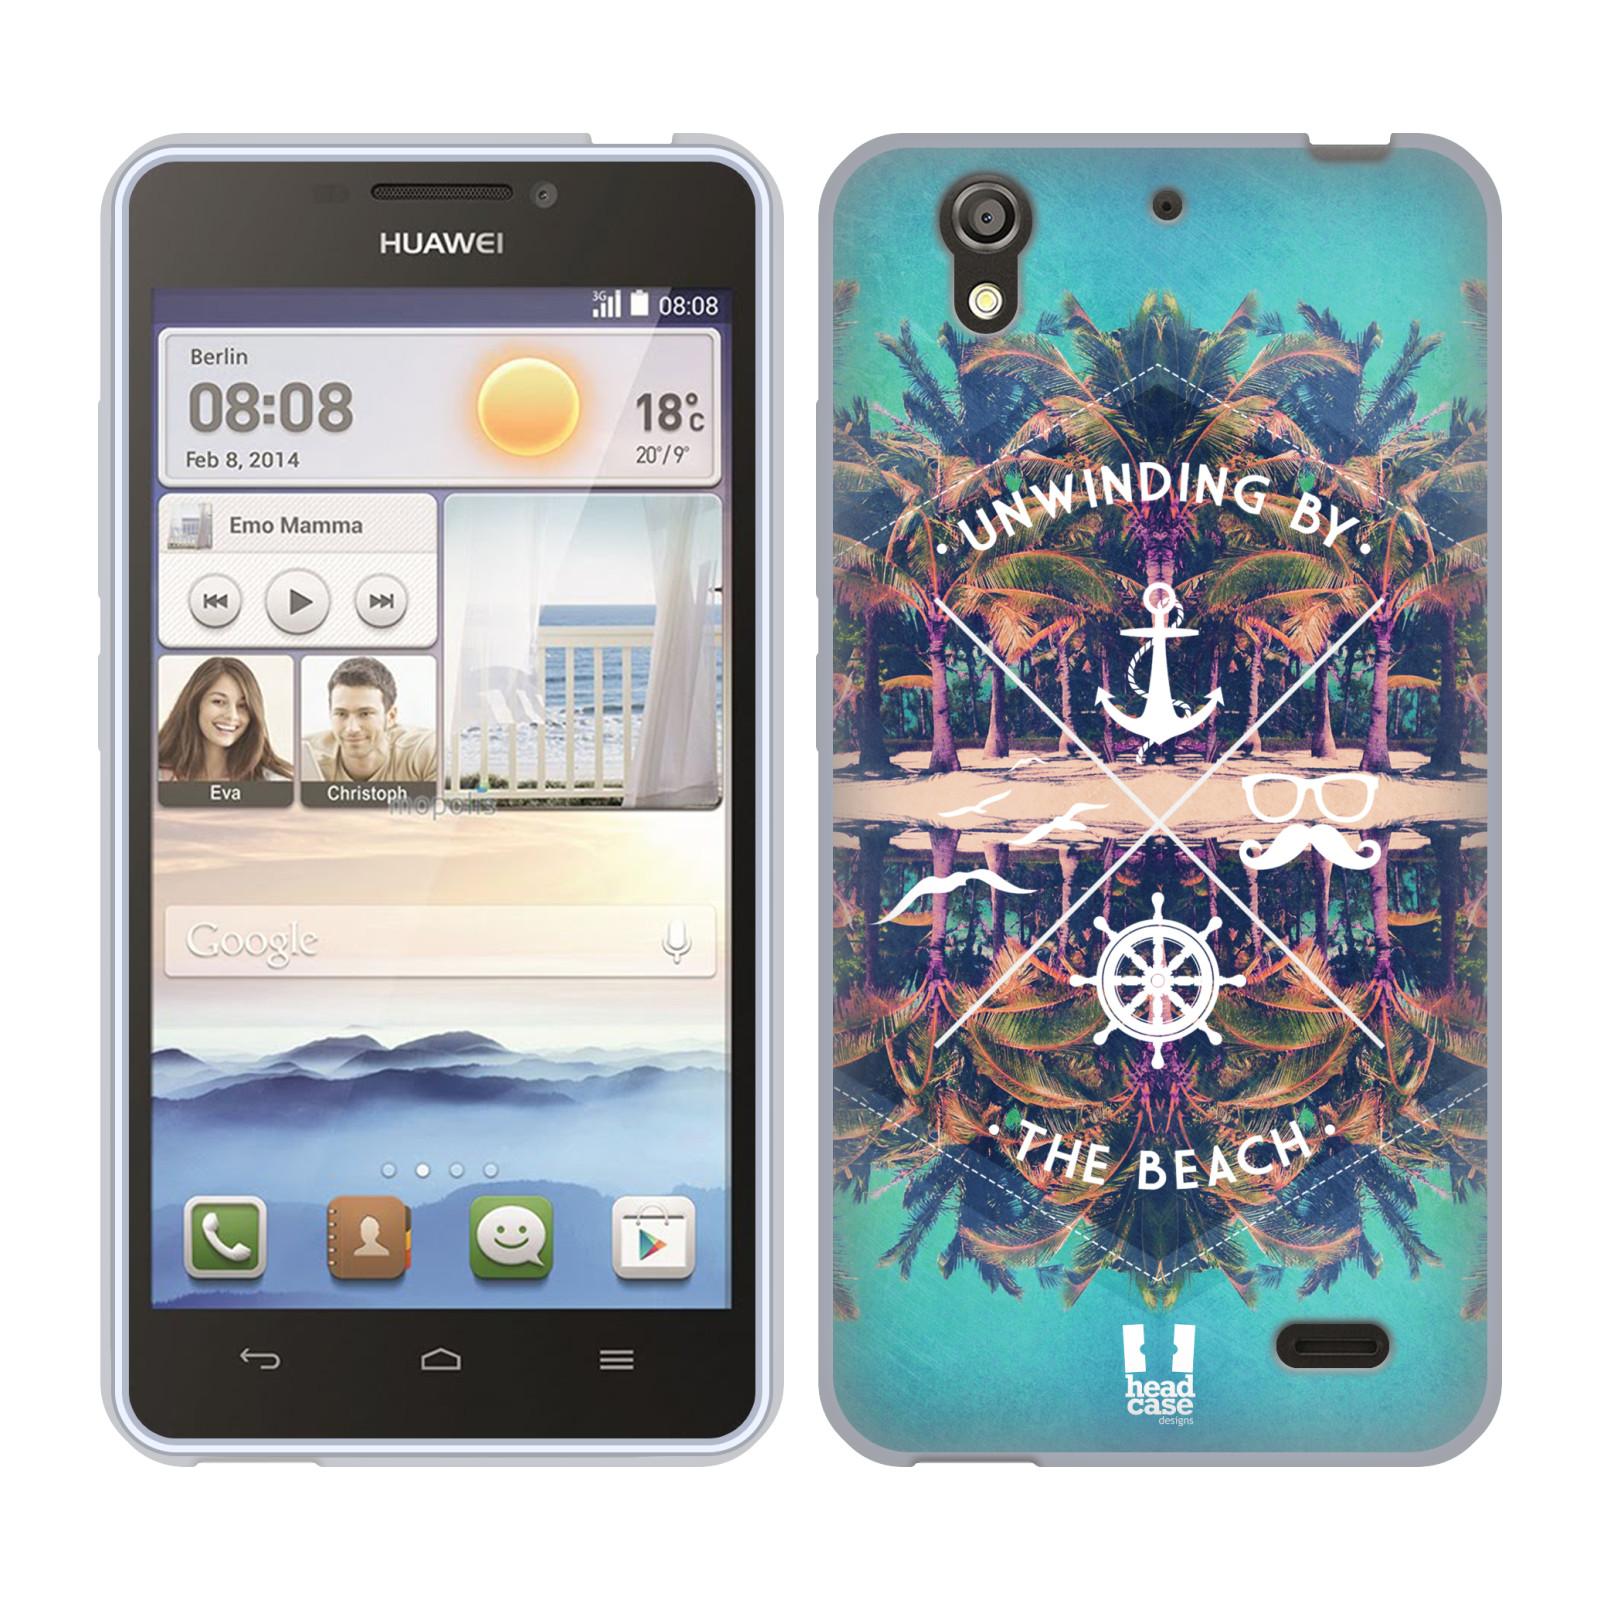 Silikonové pouzdro na mobil Huawei Ascend Y530 HEAD CASE Bezvětří (Silikonový kryt či obal na mobilní telefon Huawei Ascend Y530)